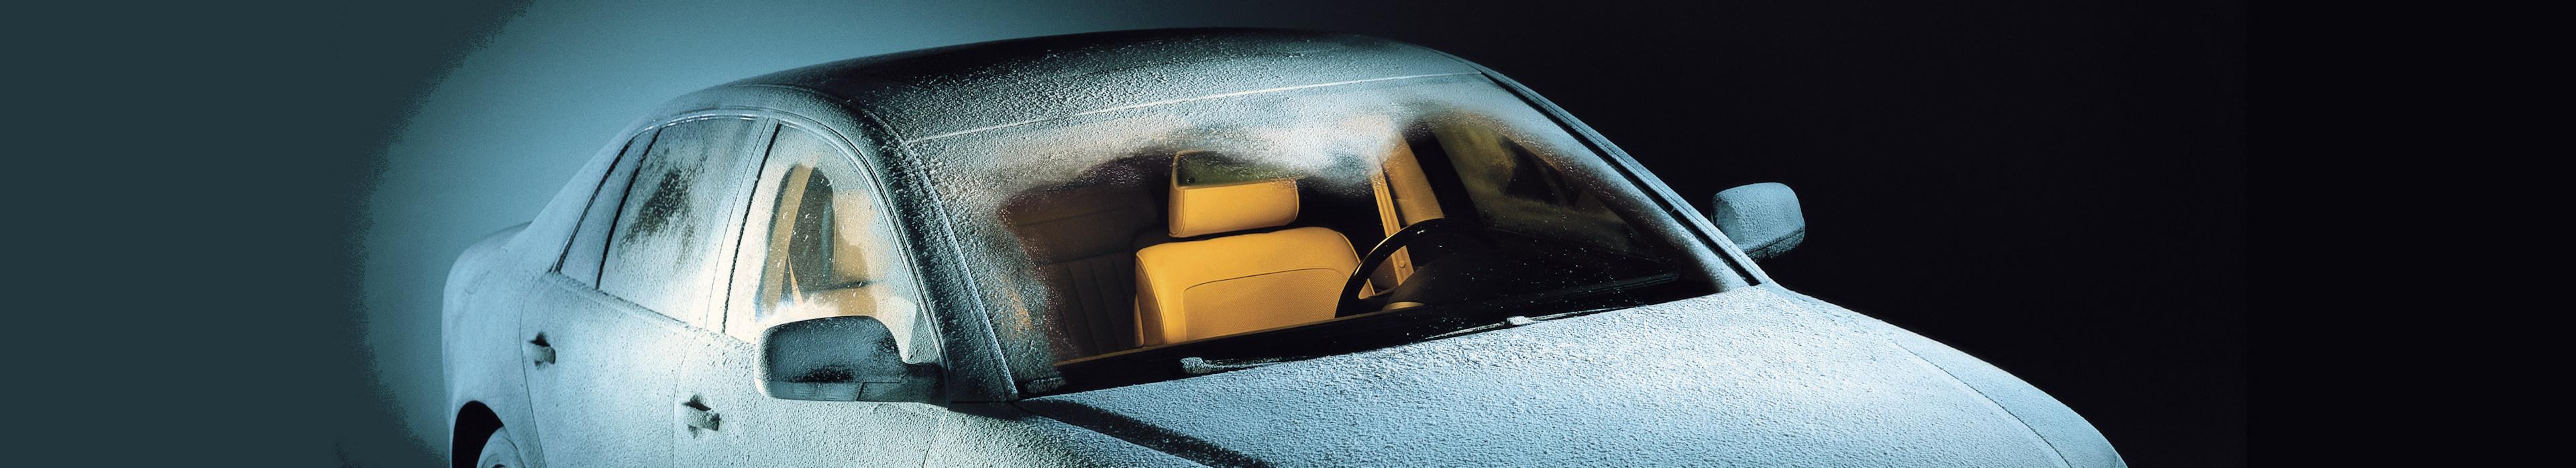 Extra korting parkeerverwarming inbouwen